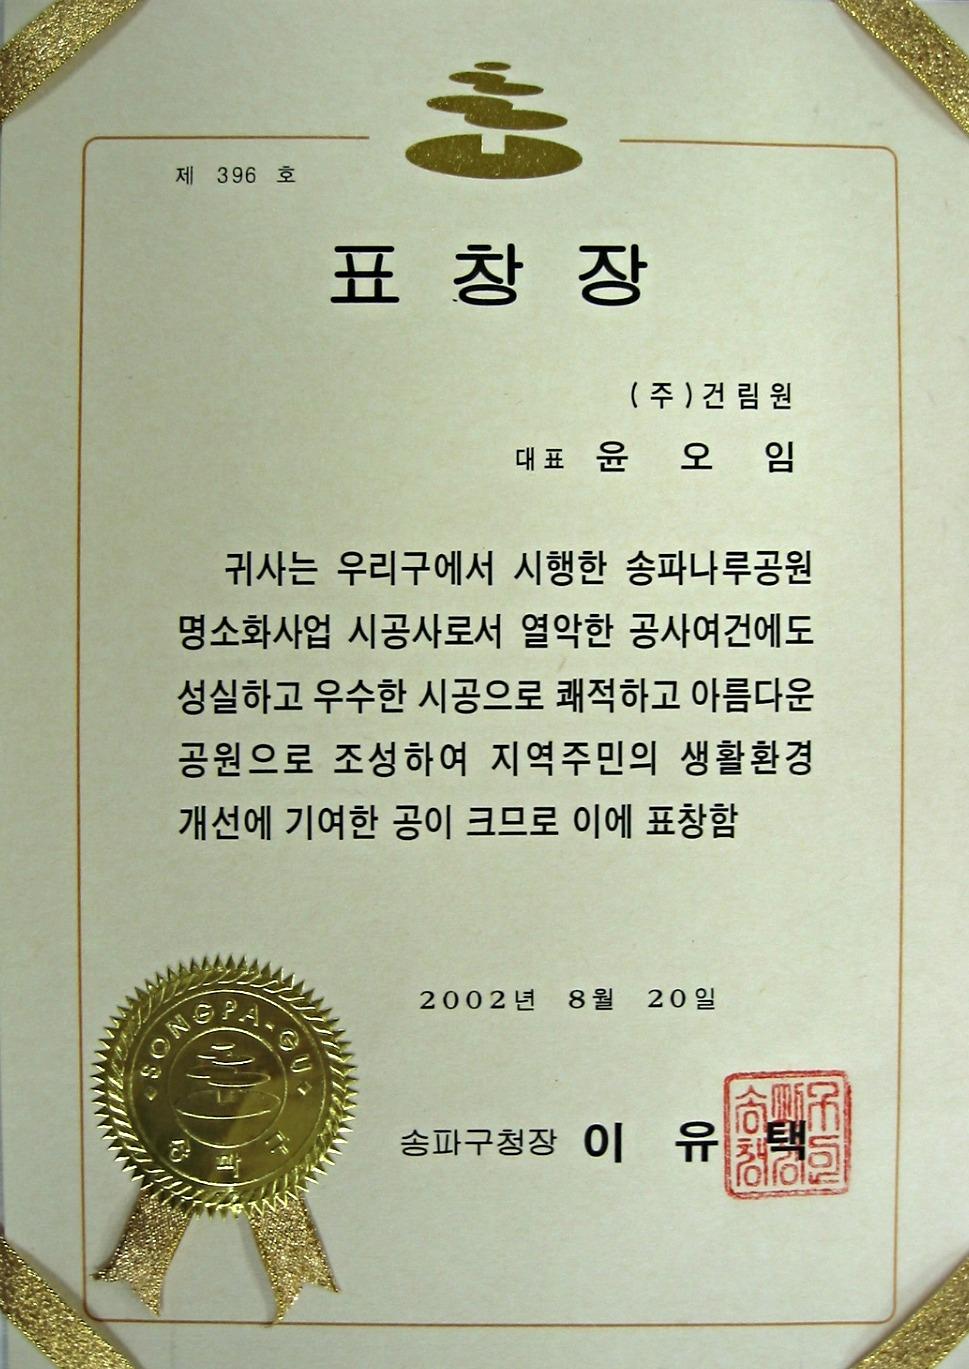 2002년 송파구청장 표창장 (송파나루공원 명소화사업)